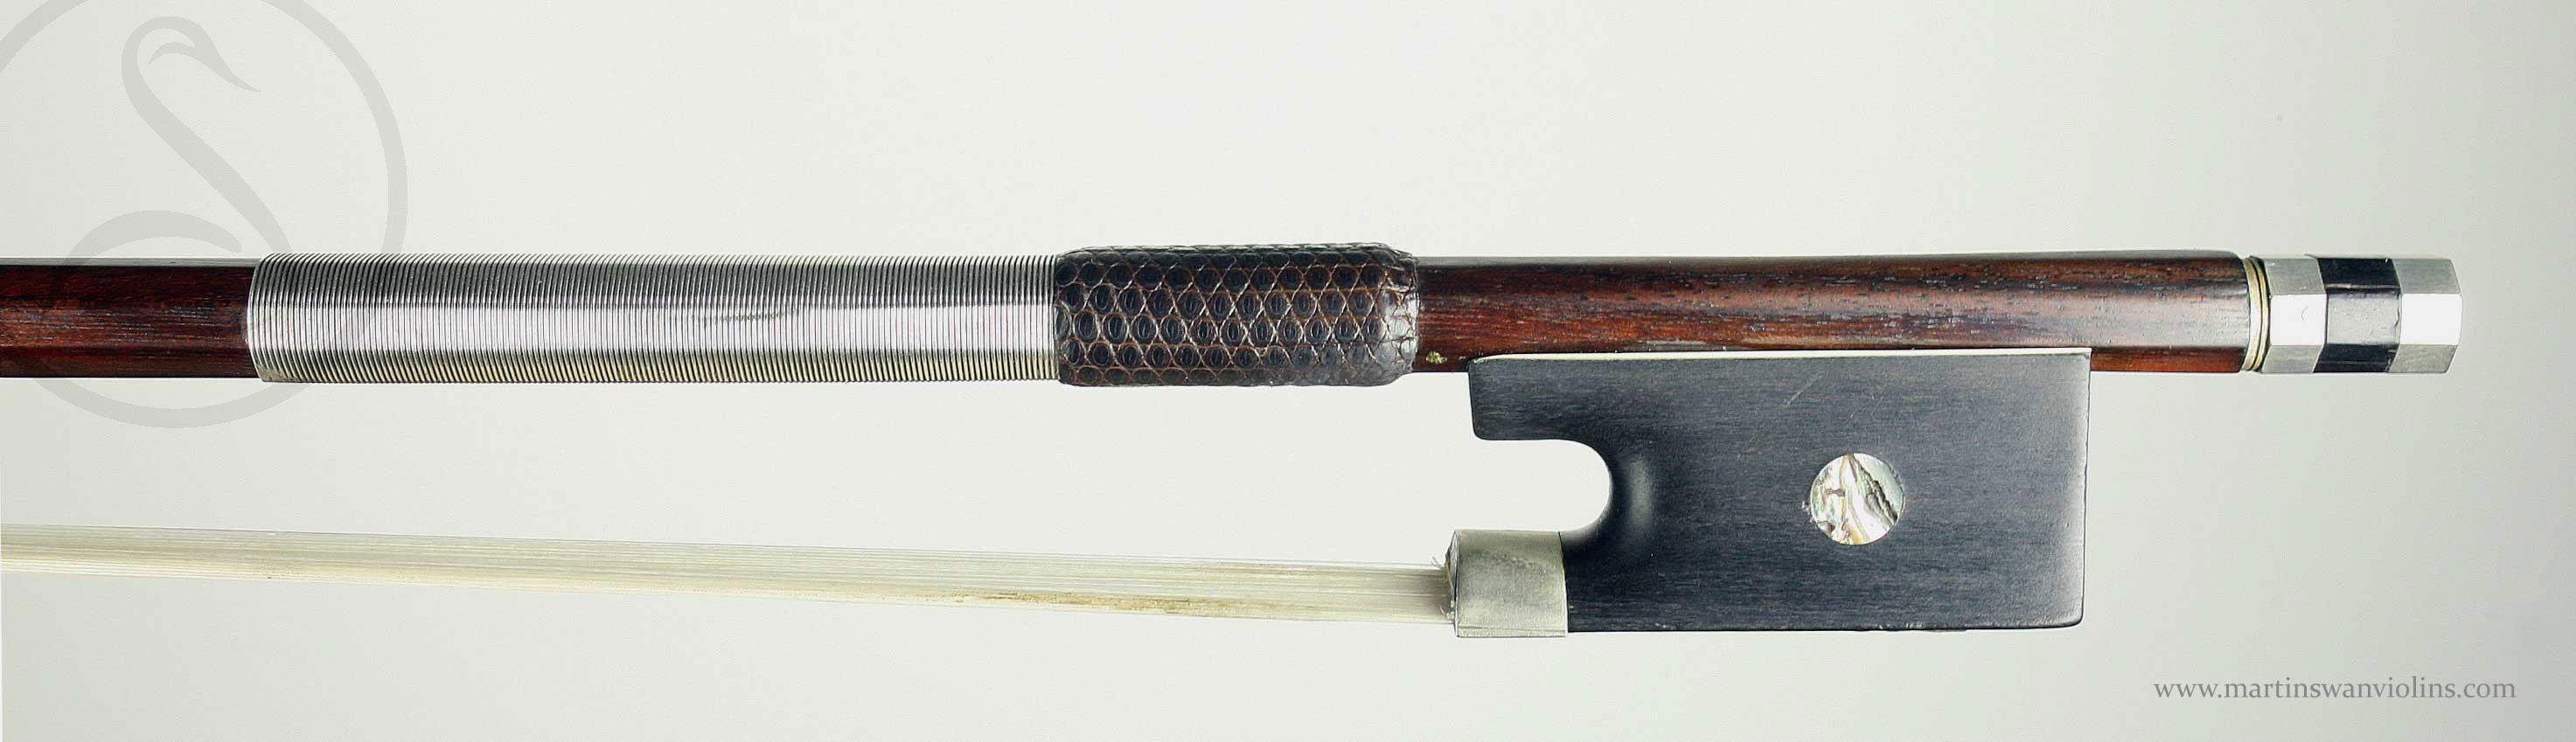 etienne pajeot violin bow martin swan violins. Black Bedroom Furniture Sets. Home Design Ideas